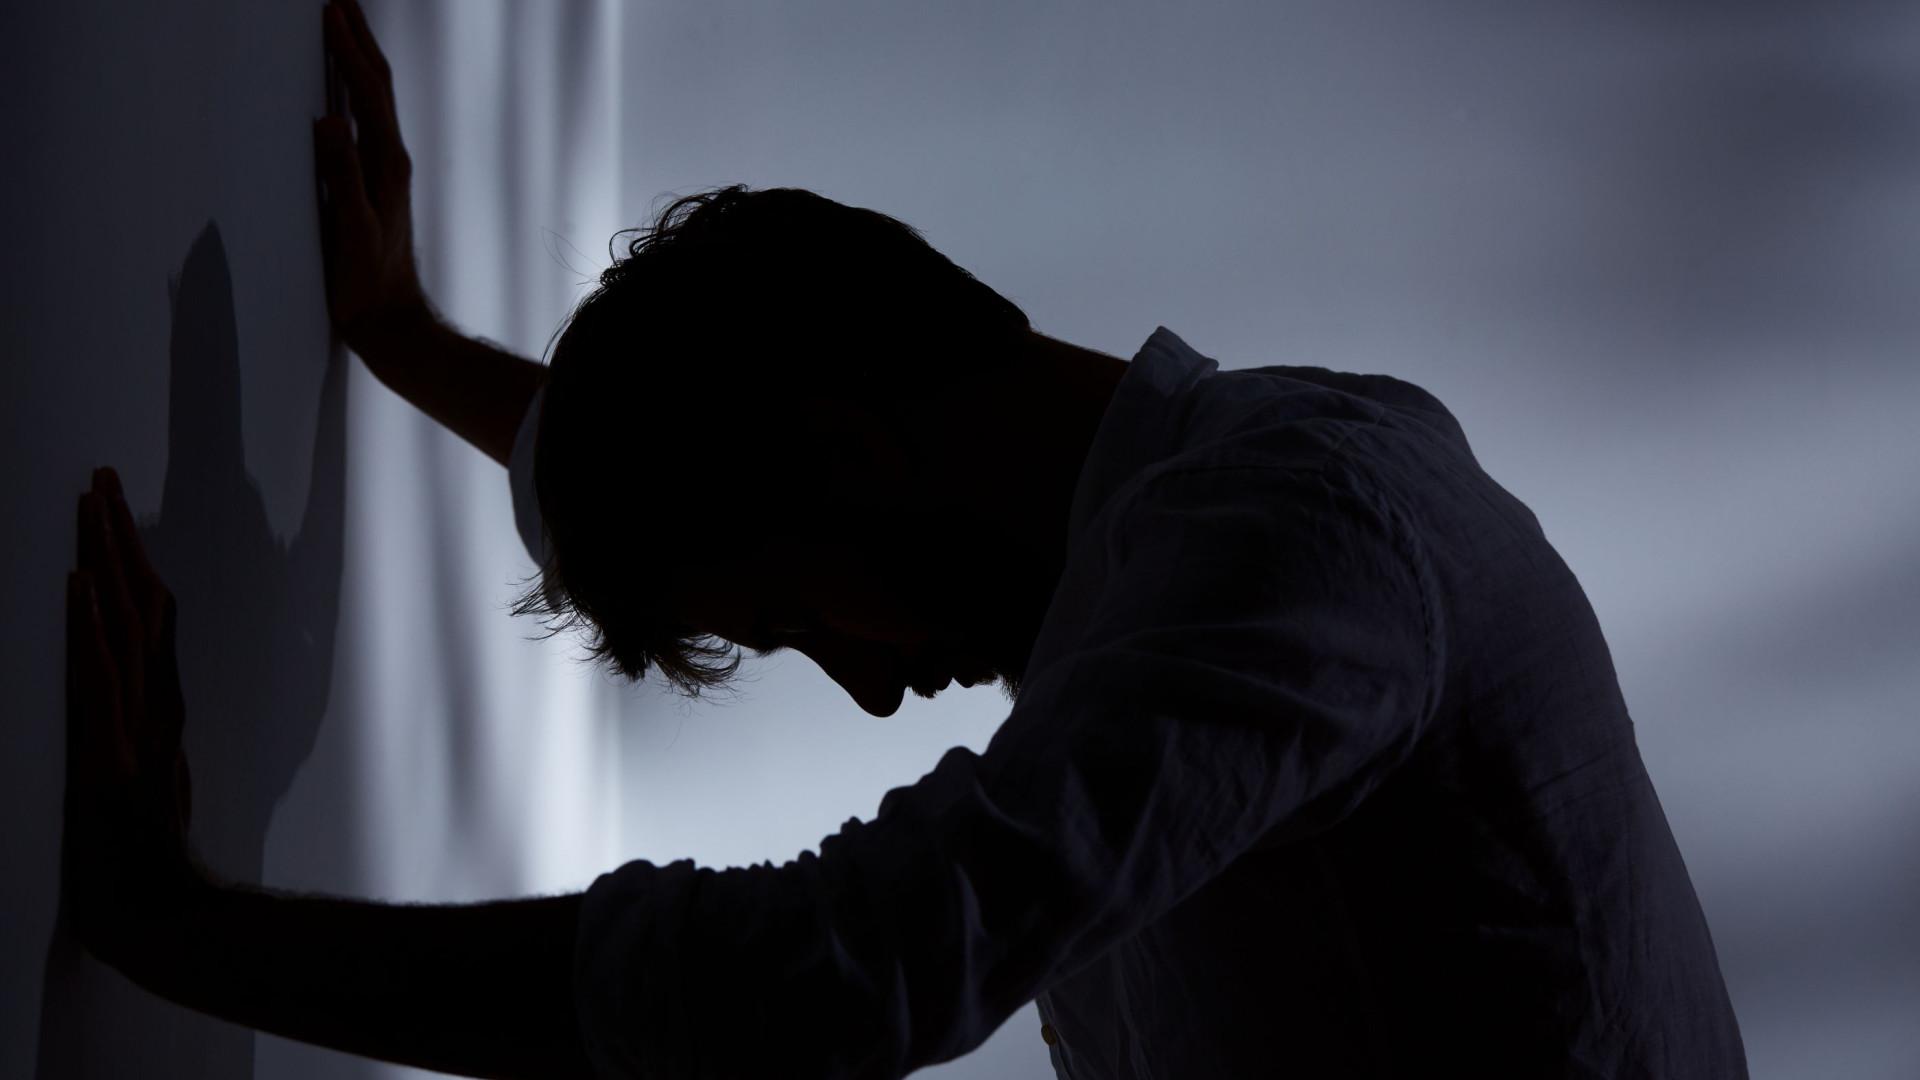 Esquizofrenia pode alterar o corpo humano, e não apenas a mente